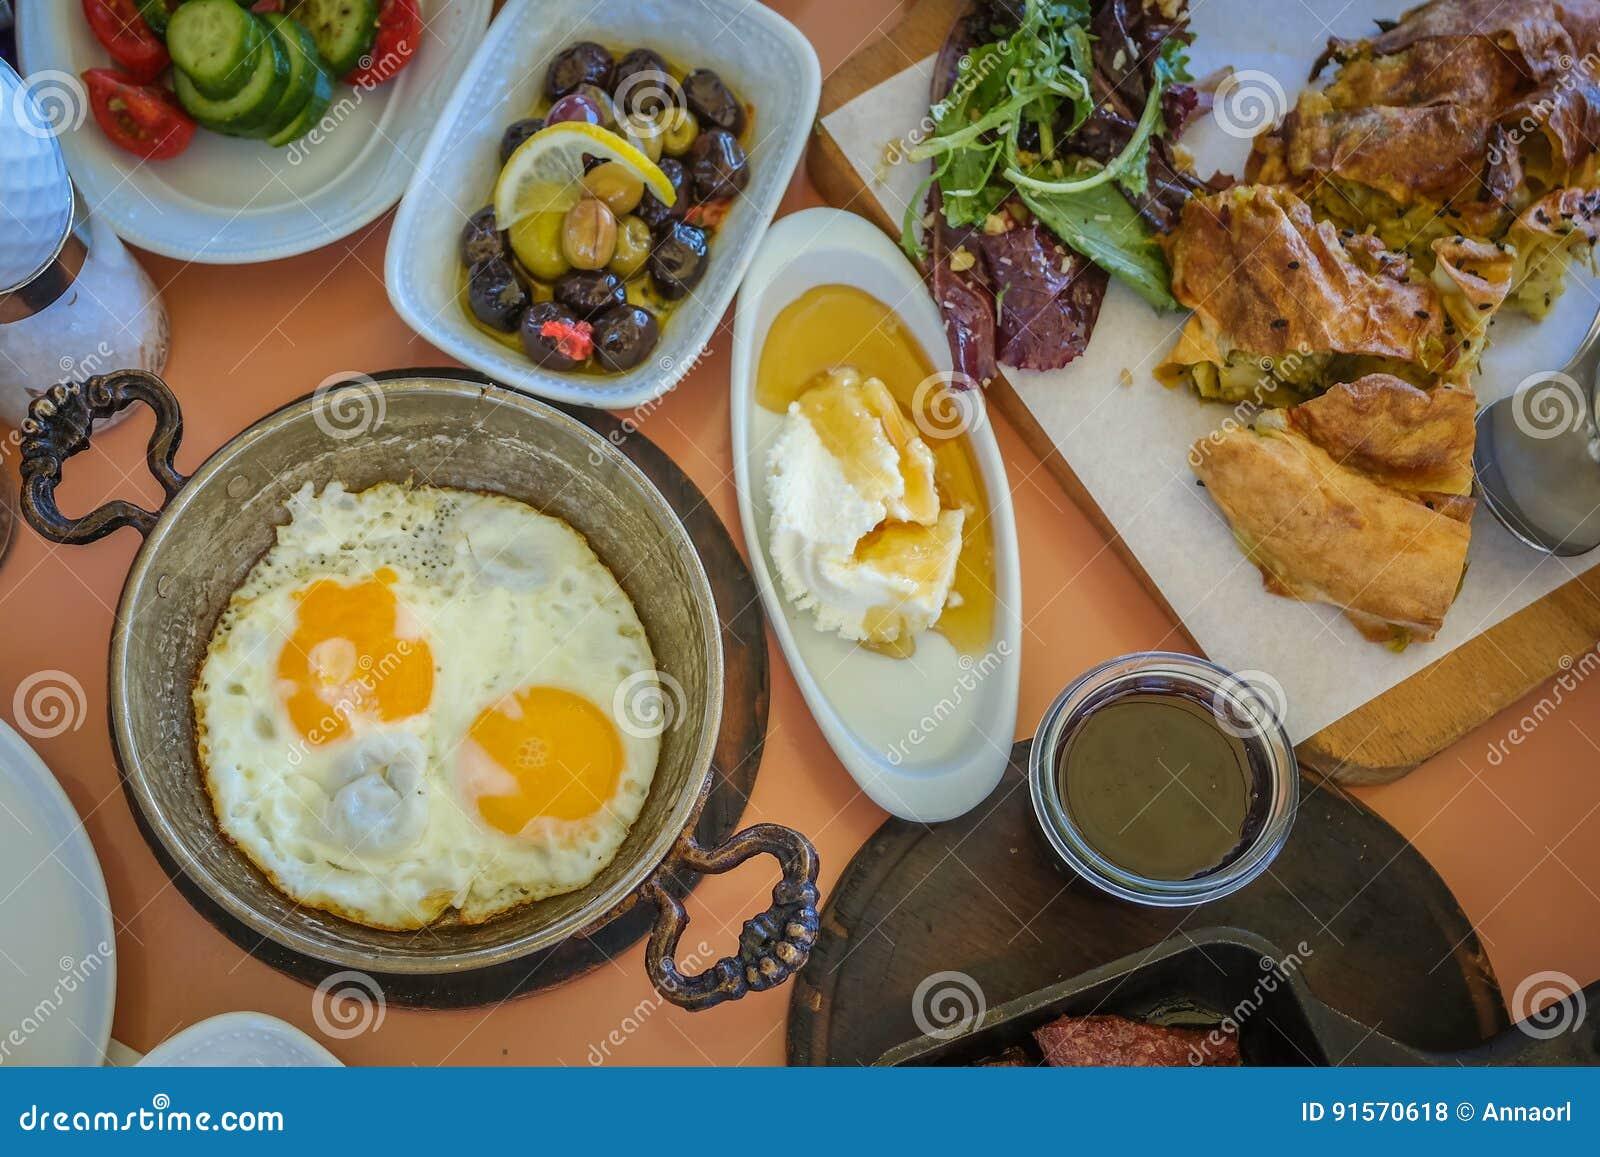 ontbijt opties